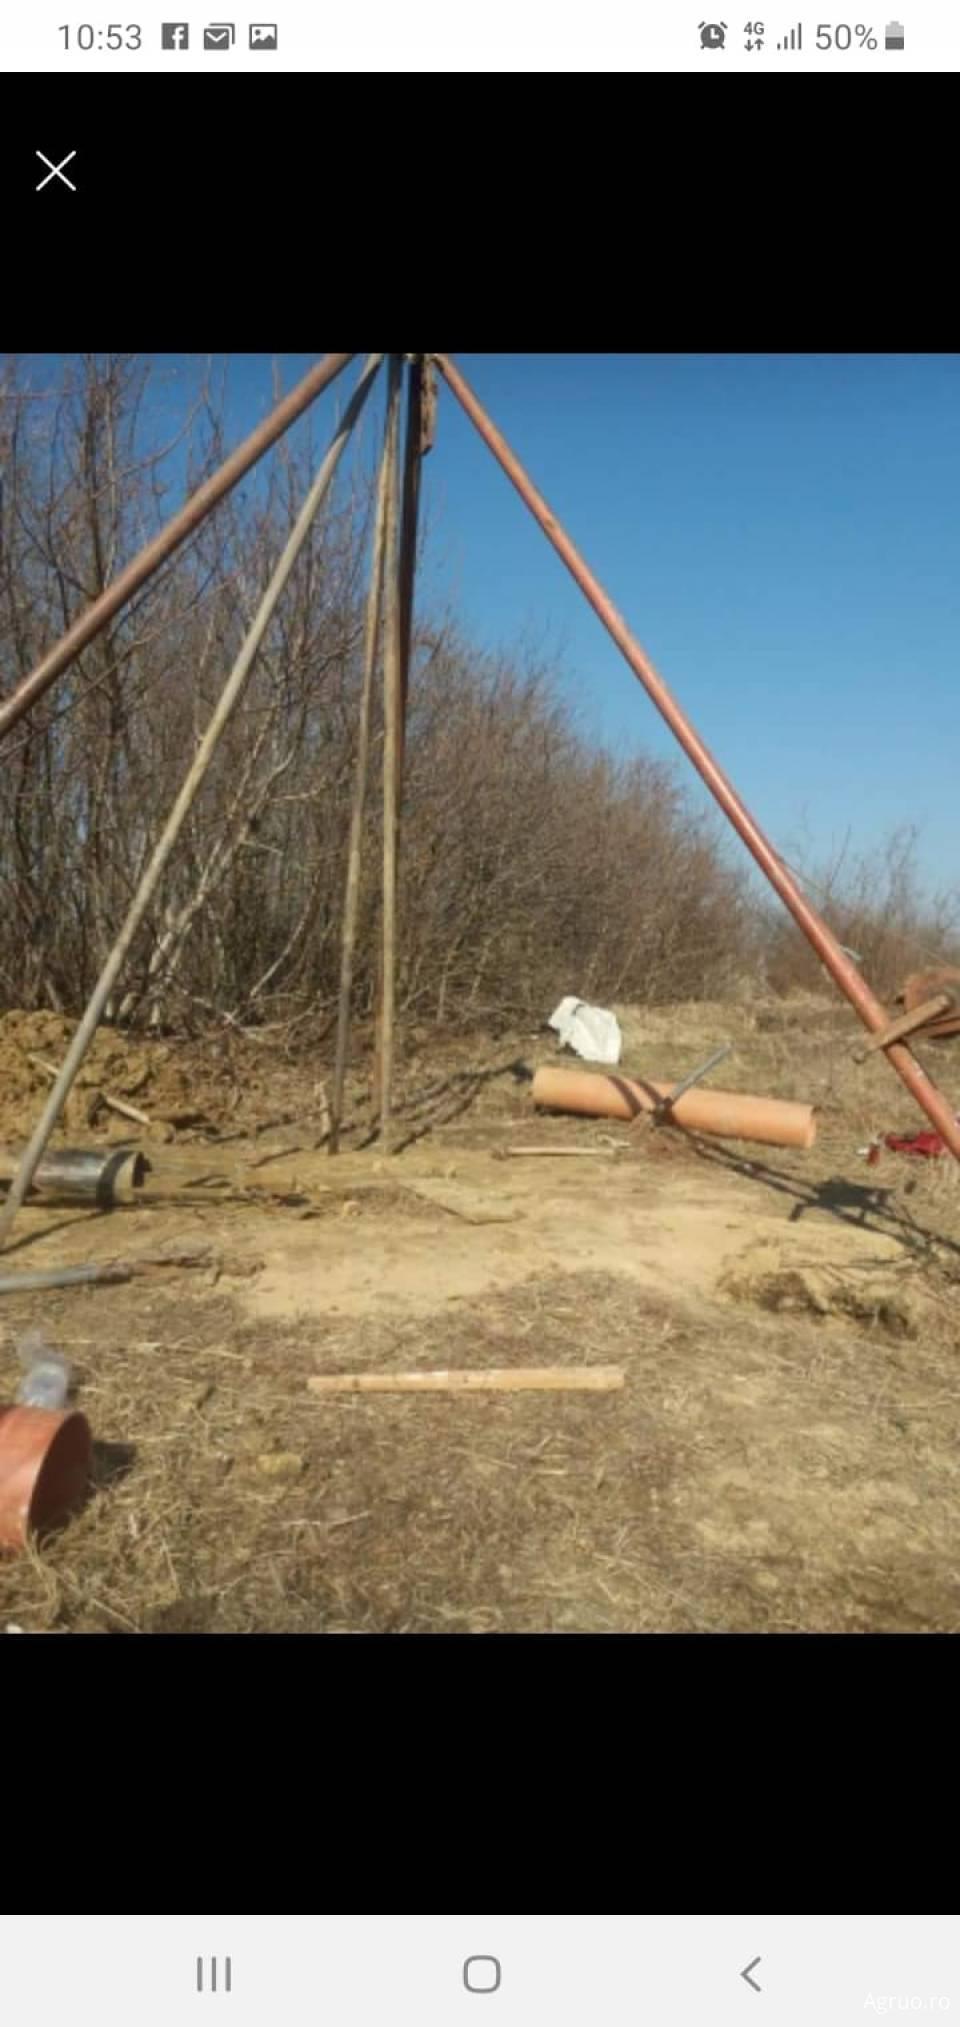 Foraje pentru puturi de apa2339